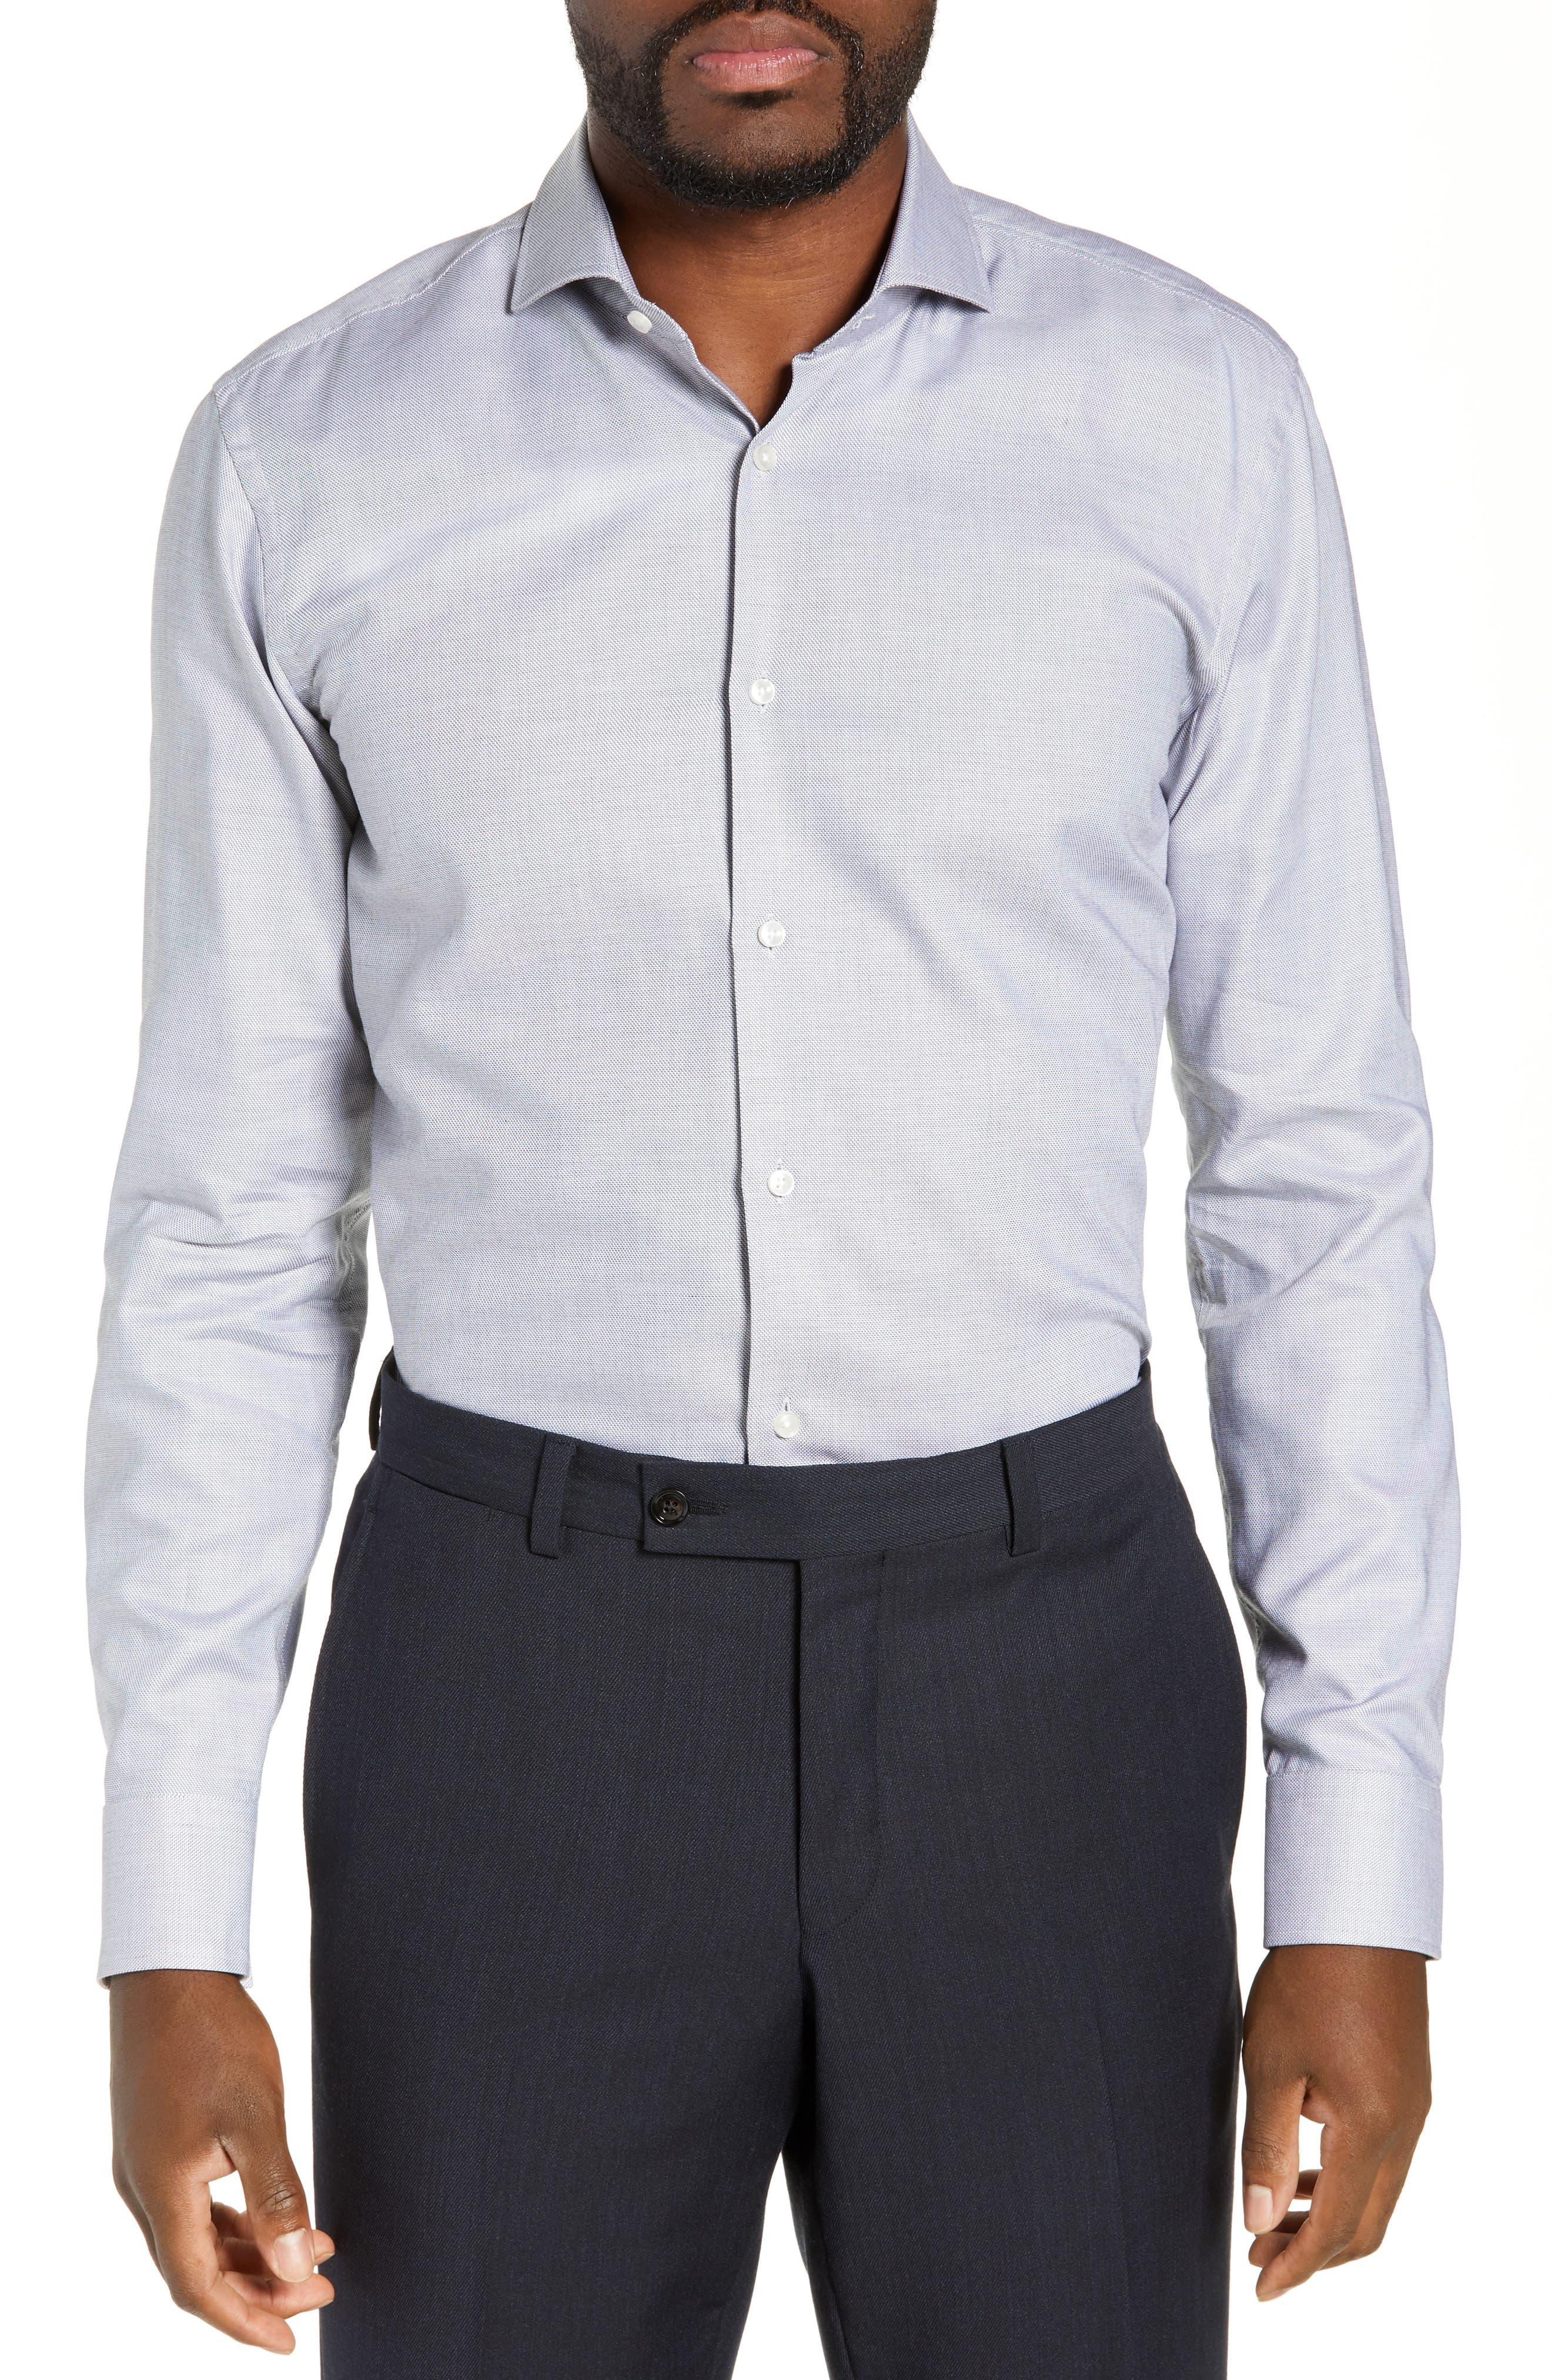 Jason Trim Fit Solid Dress Shirt,                         Main,                         color, BLACK